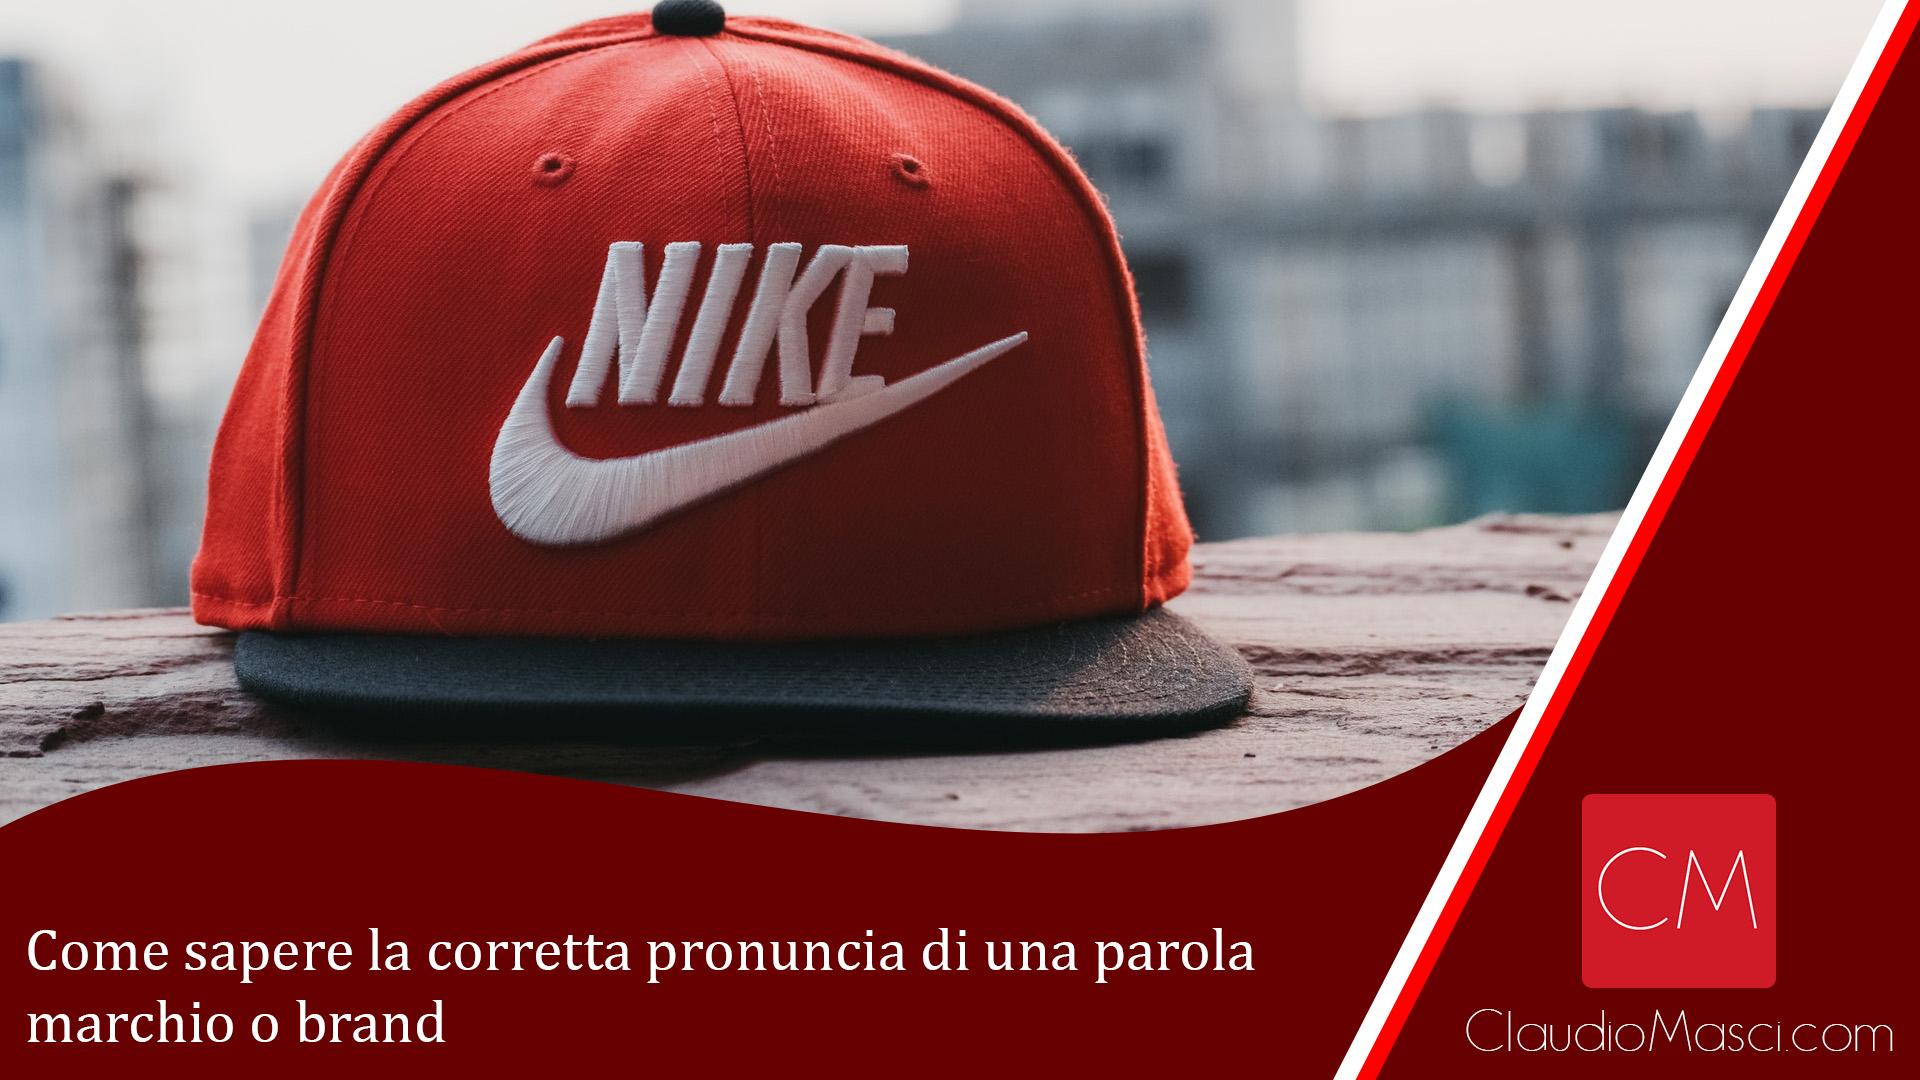 Come sapere la corretta pronuncia di una parola marchio o brand